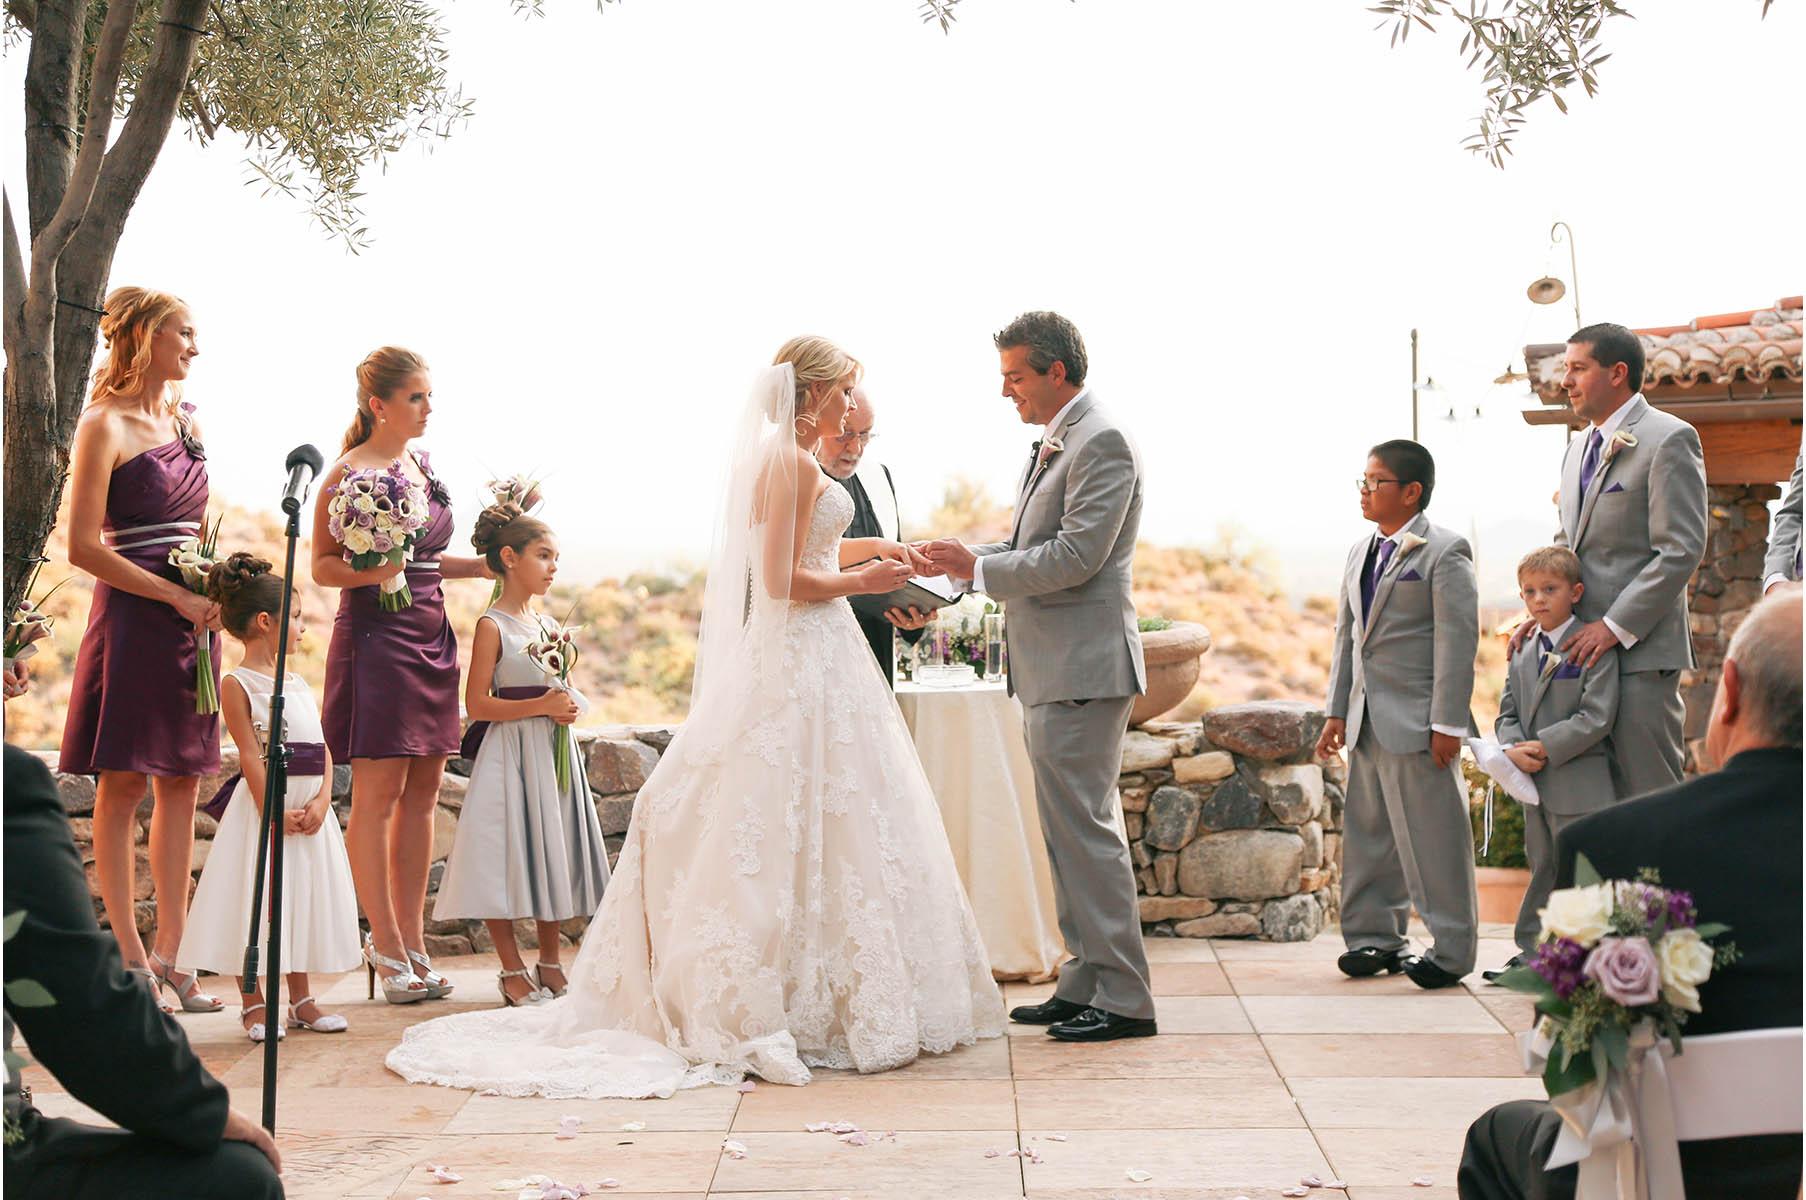 desertmountainwedding15